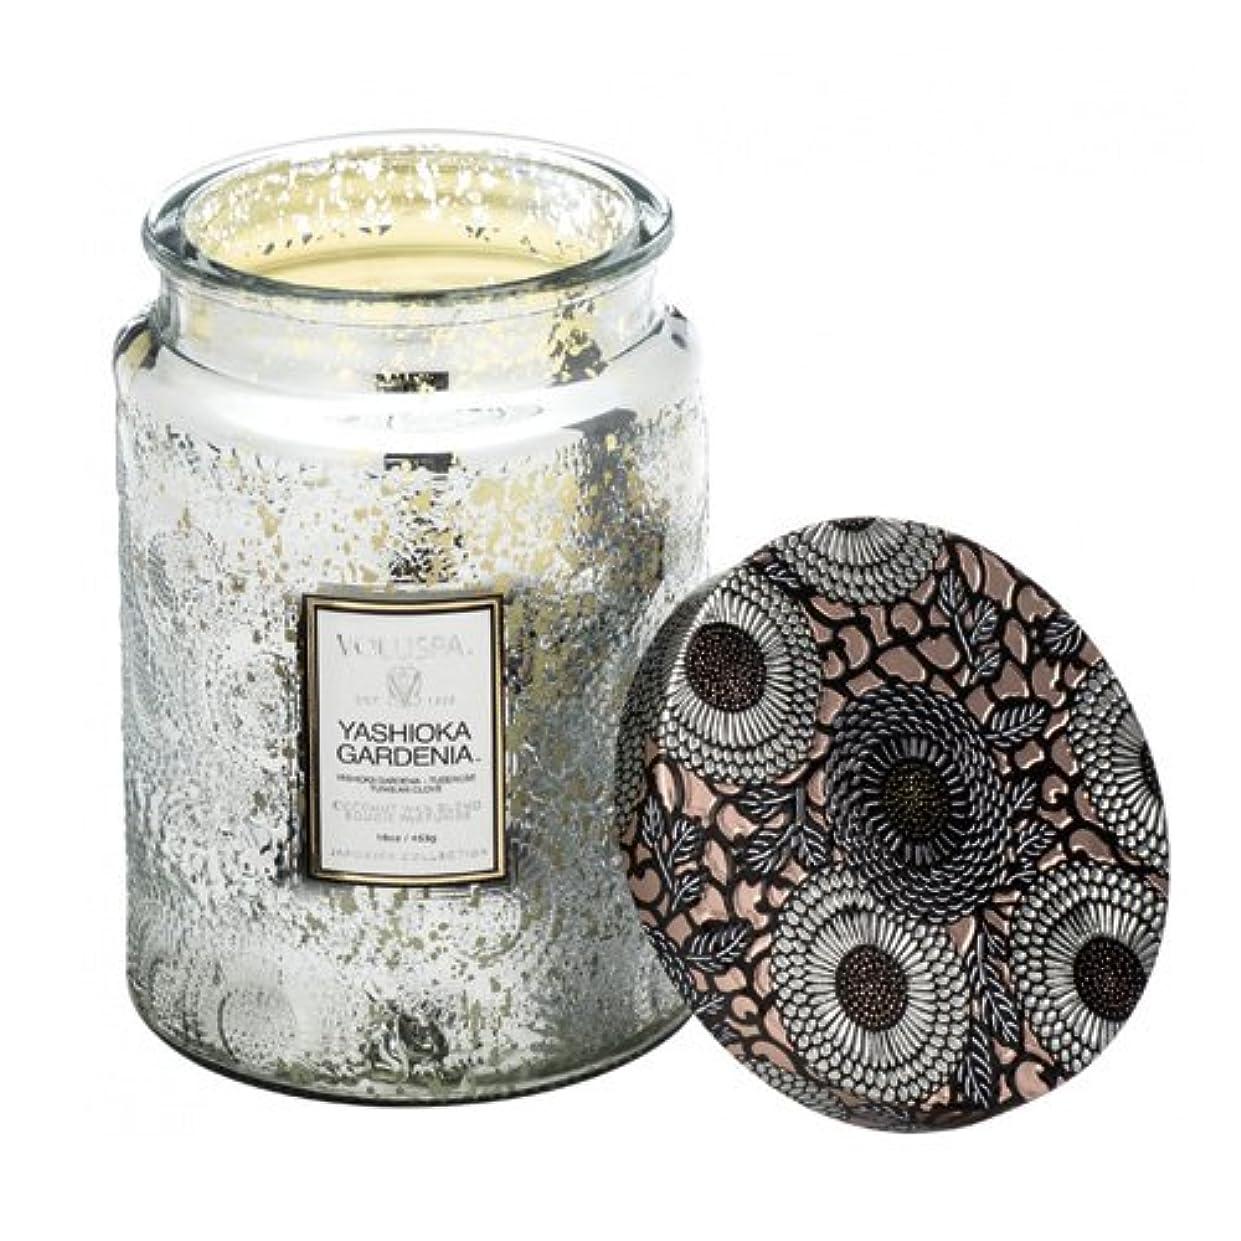 宗教採用特別にVoluspa ボルスパ ジャポニカ リミテッド グラスジャーキャンドル  L ヤシオカガーデニア YASHIOKA GARDENIA JAPONICA Limited LARGE EMBOSSED Glass jar candle